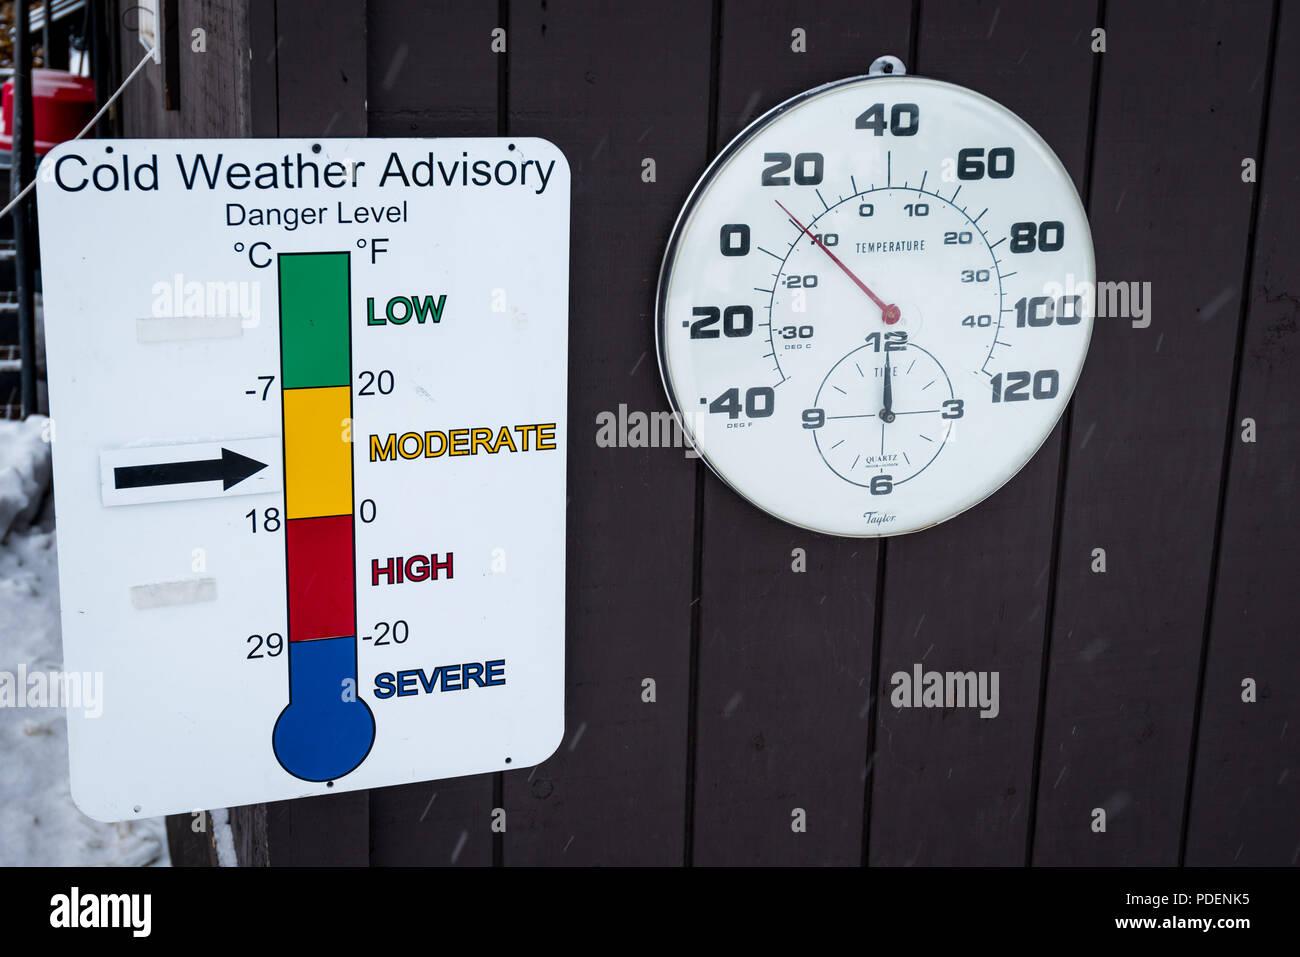 Termometro all'esterno dell'edificio nel Parco Nazionale di Yellowstone, USA con un freddo segno consultivo. Immagini Stock